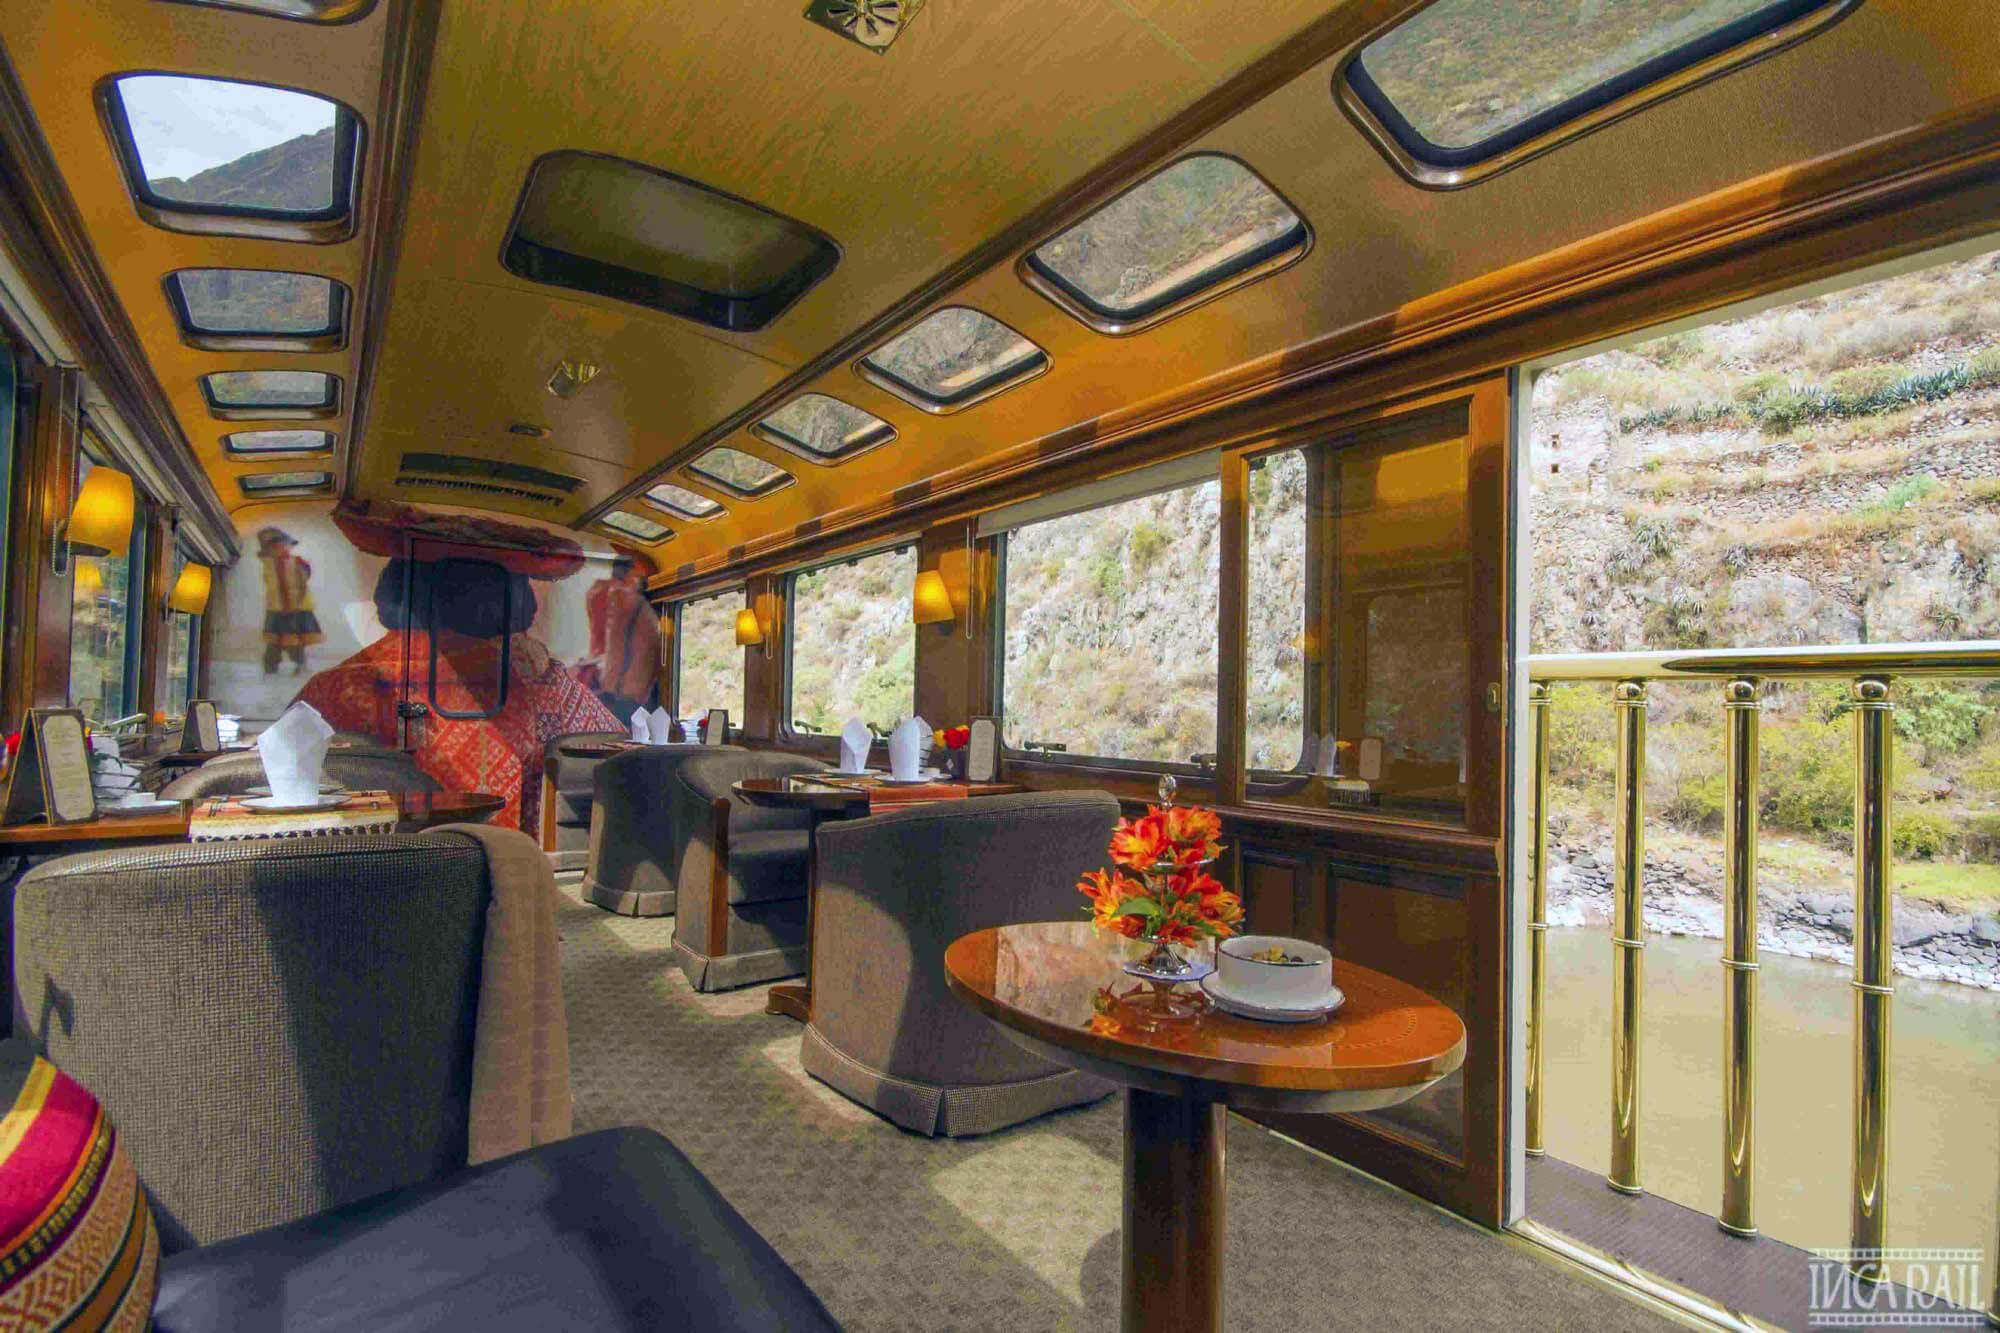 Incarail First Class Train Lounge Car